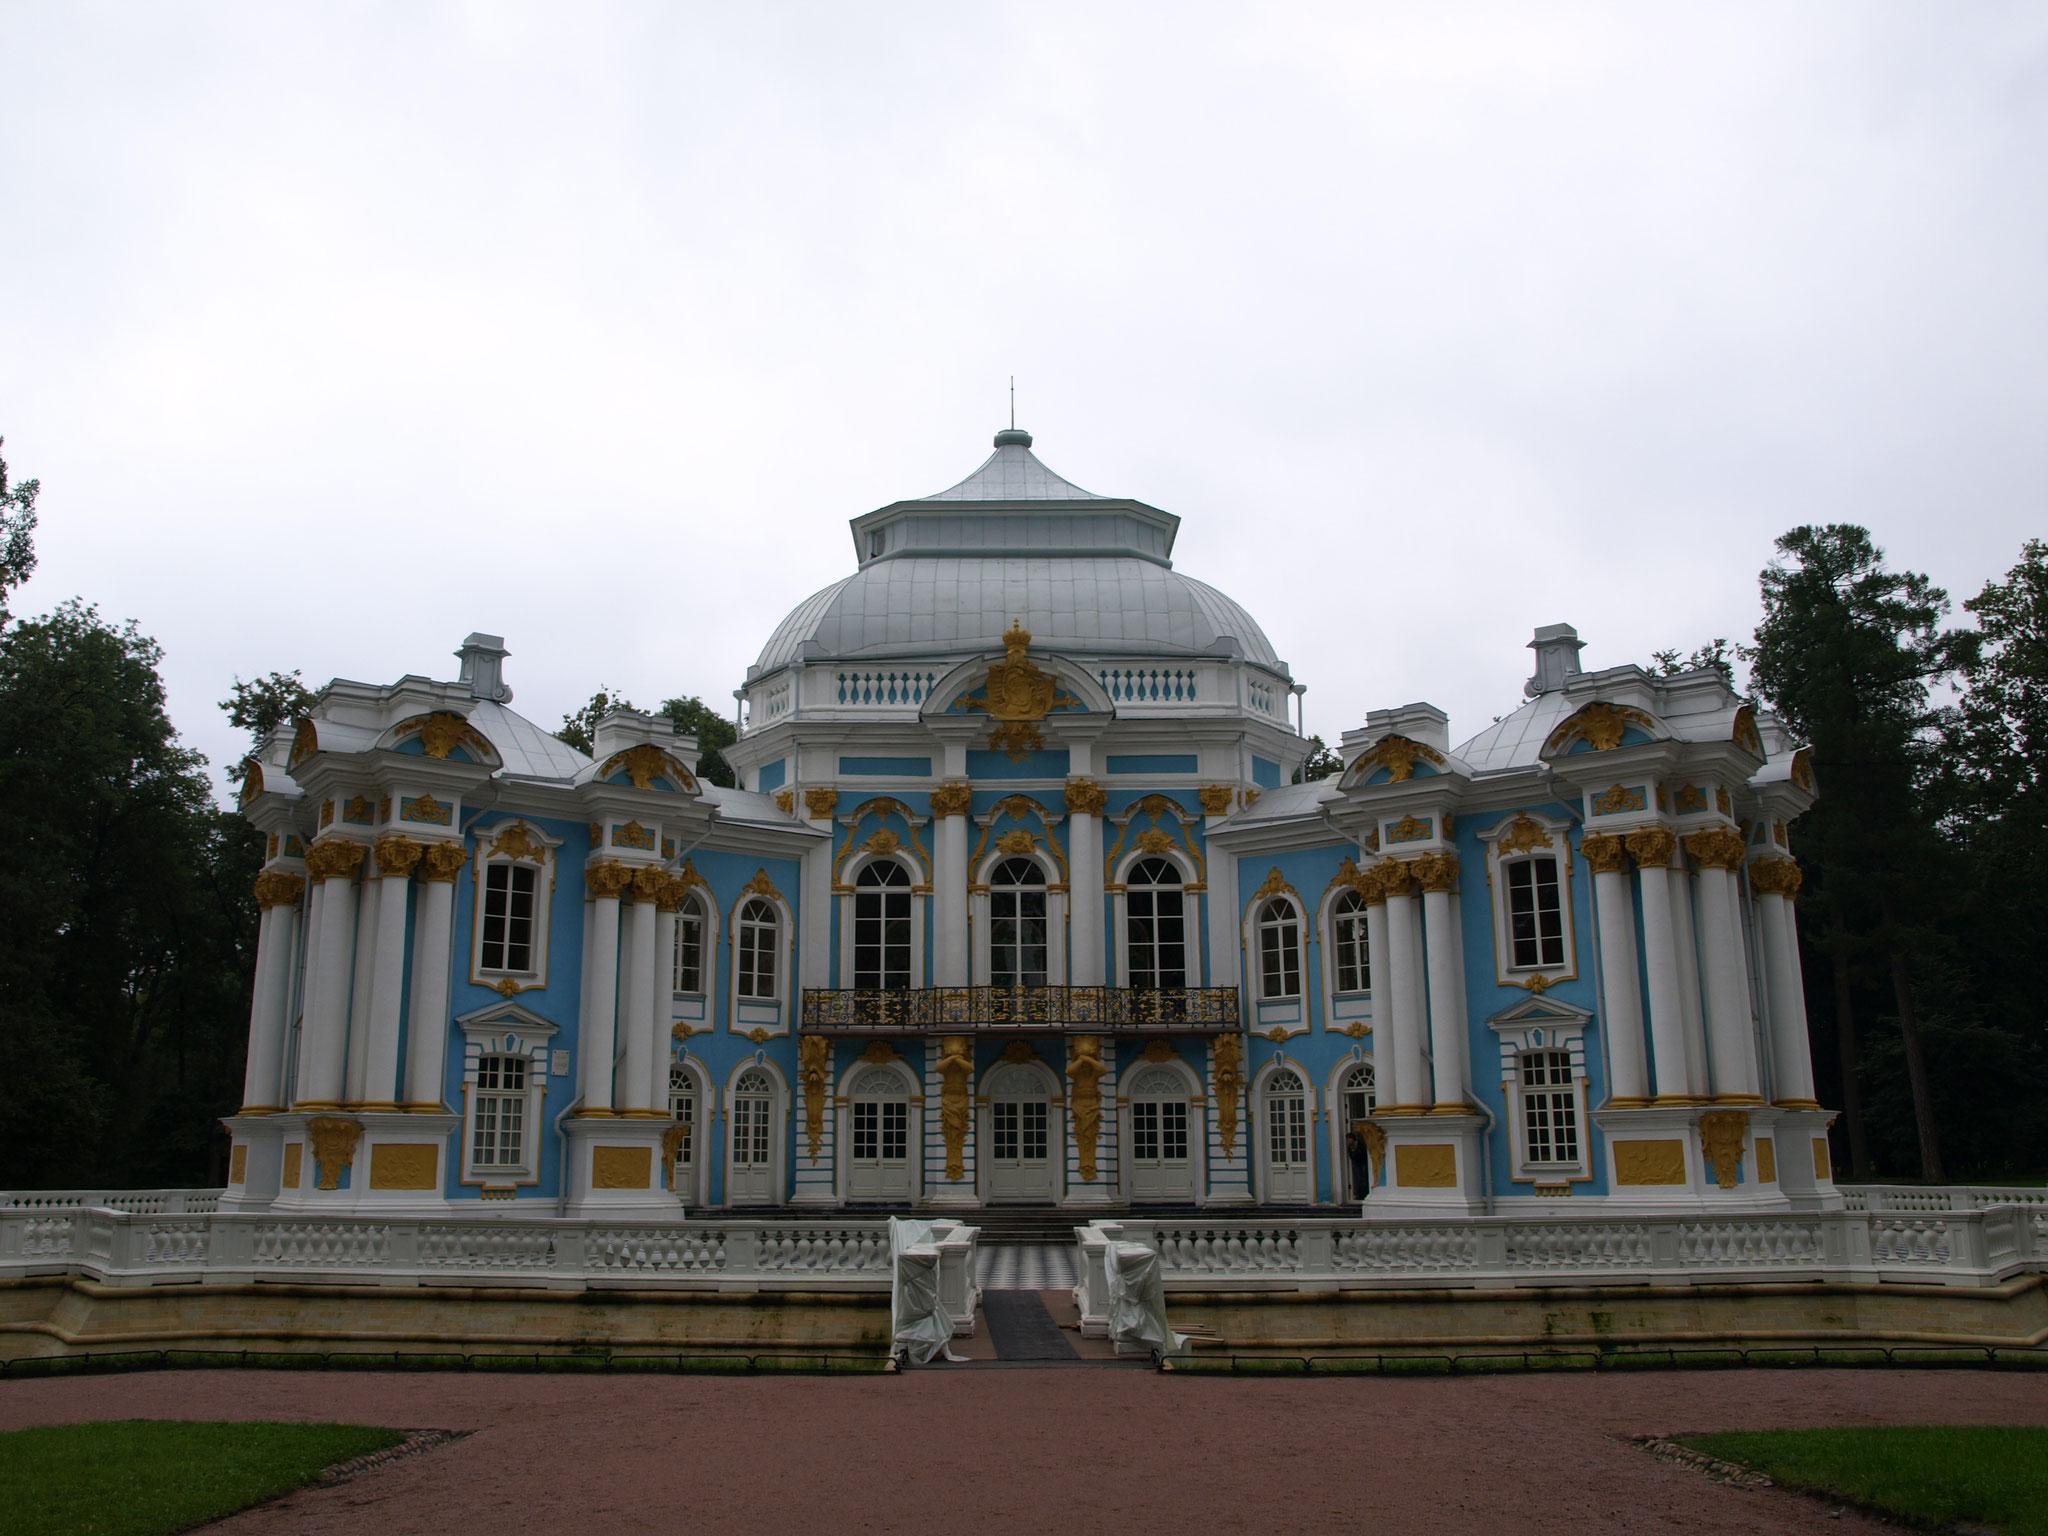 Katharinen Palast in der Stadt Puschkin